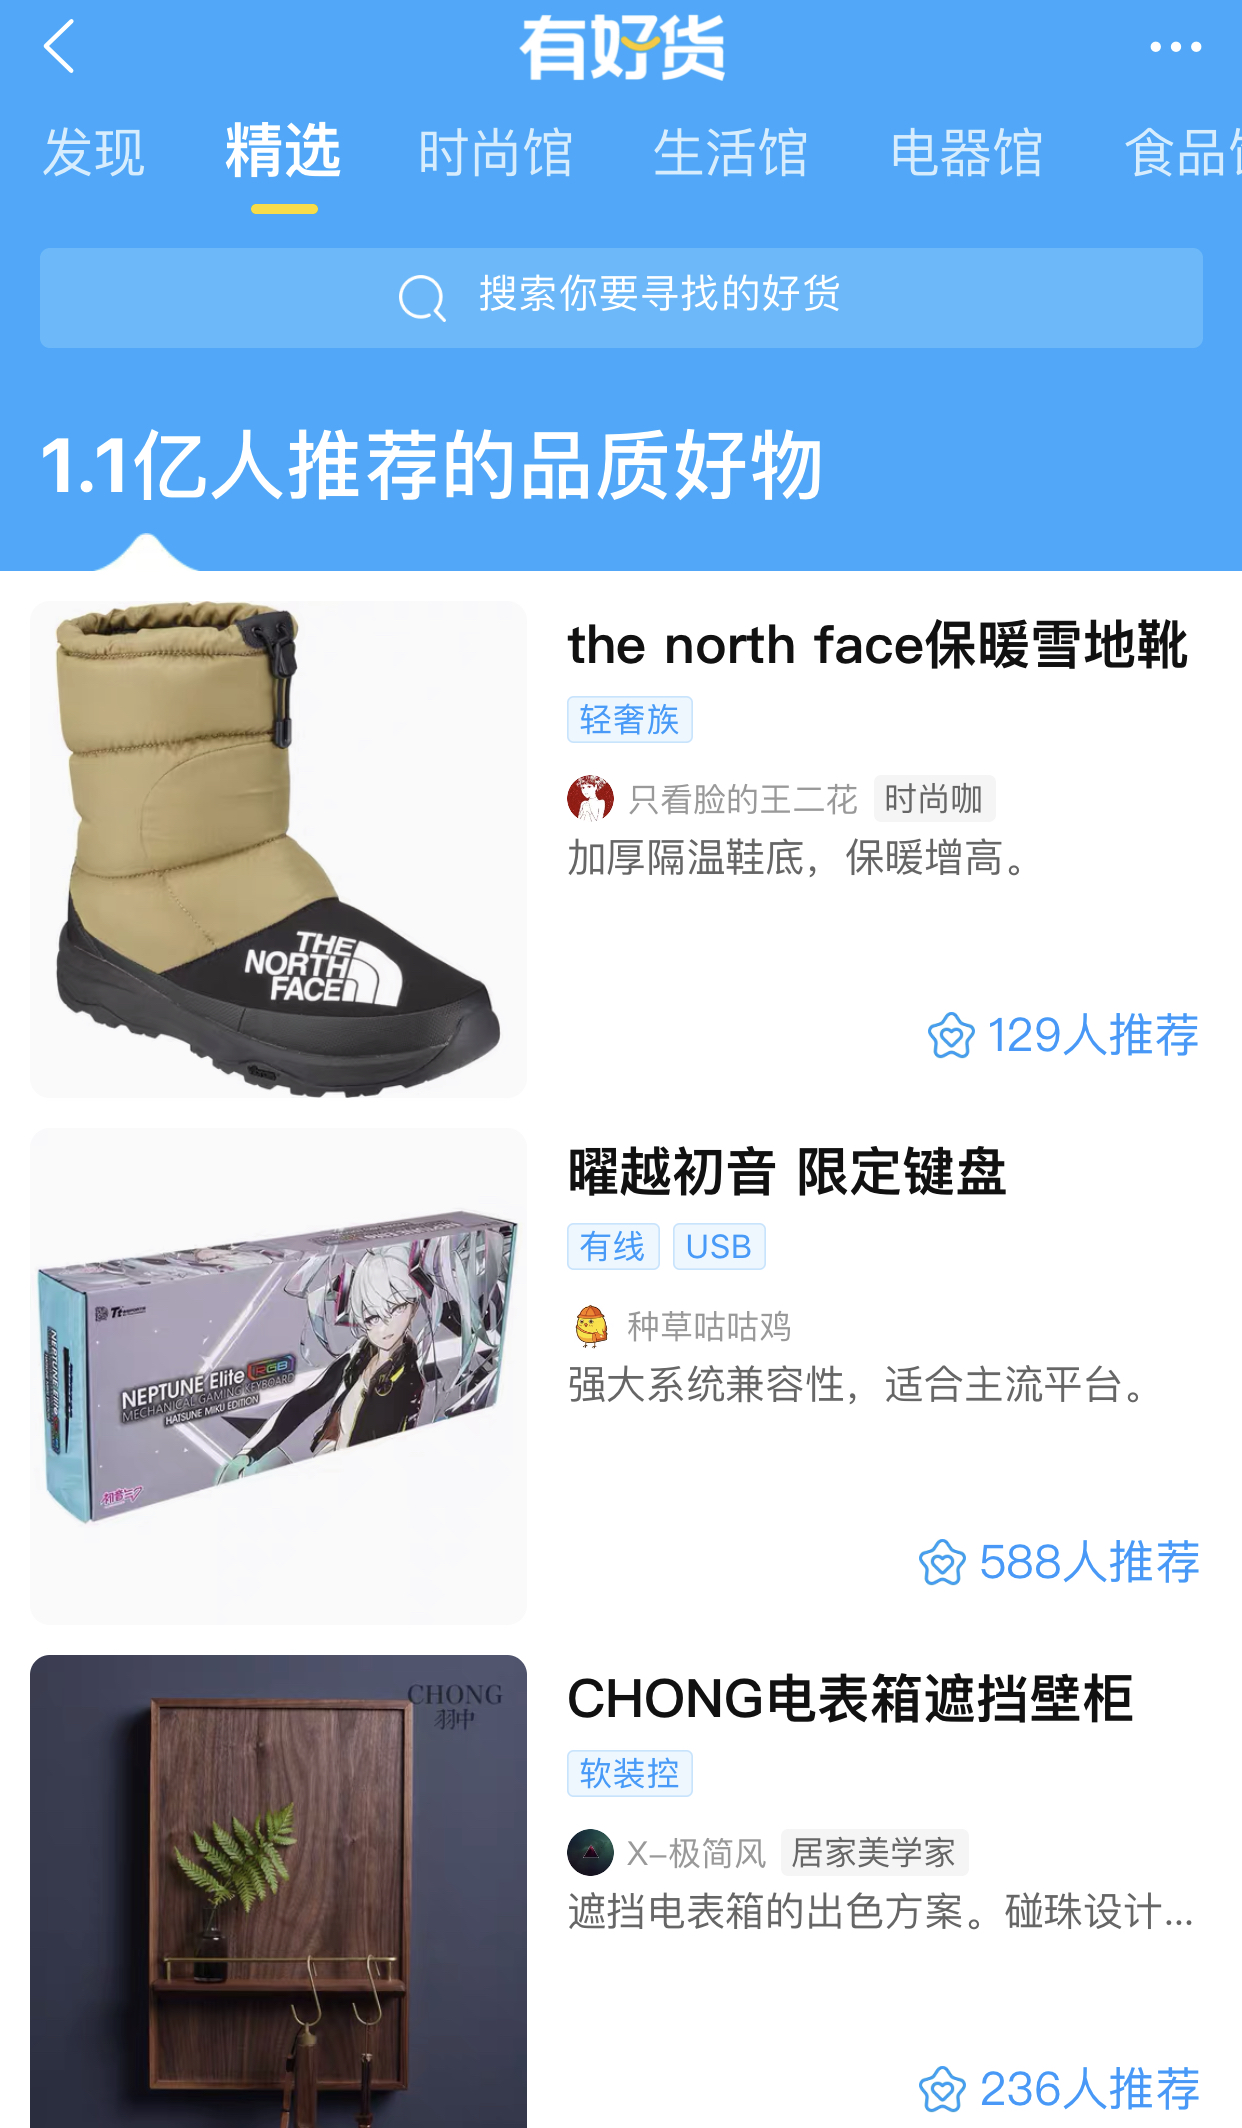 """淘宝首页""""有好货""""升级:1.1亿人边逛淘宝边推荐商品"""